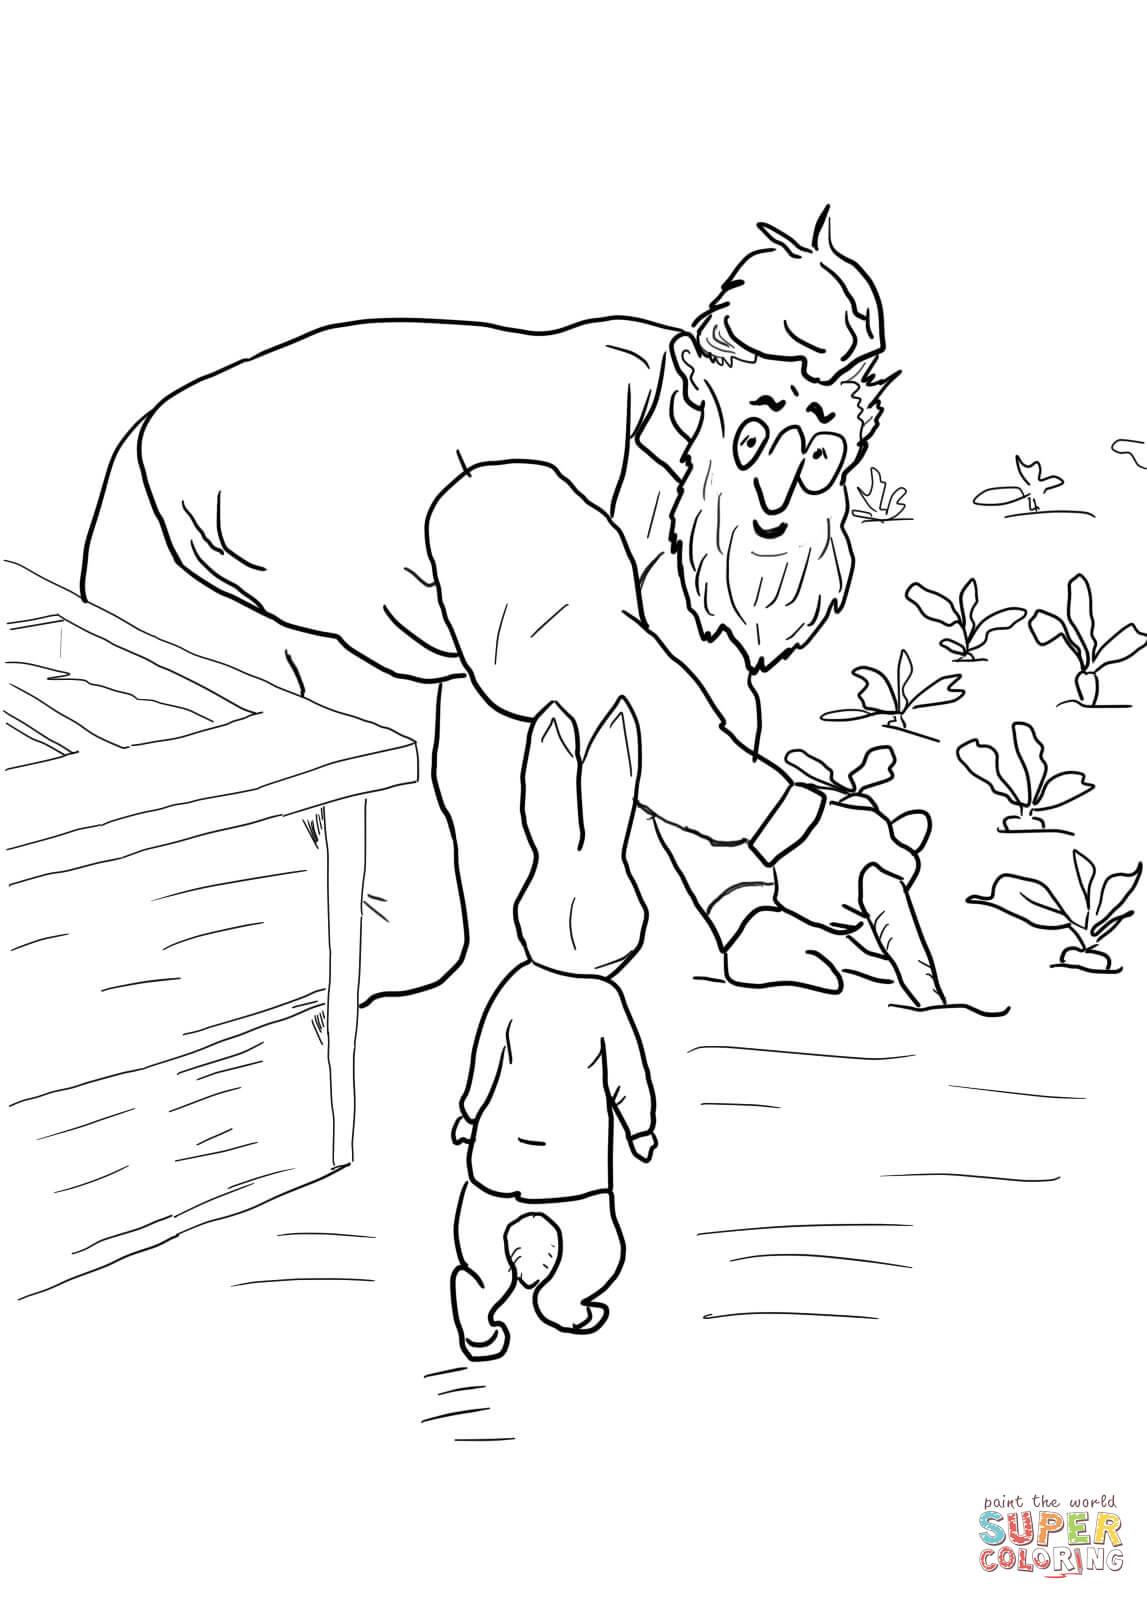 Peter Rabbit Is Spottedmr Mcgregor Coloring Page | Free - Free Printable Peter Rabbit Coloring Pages